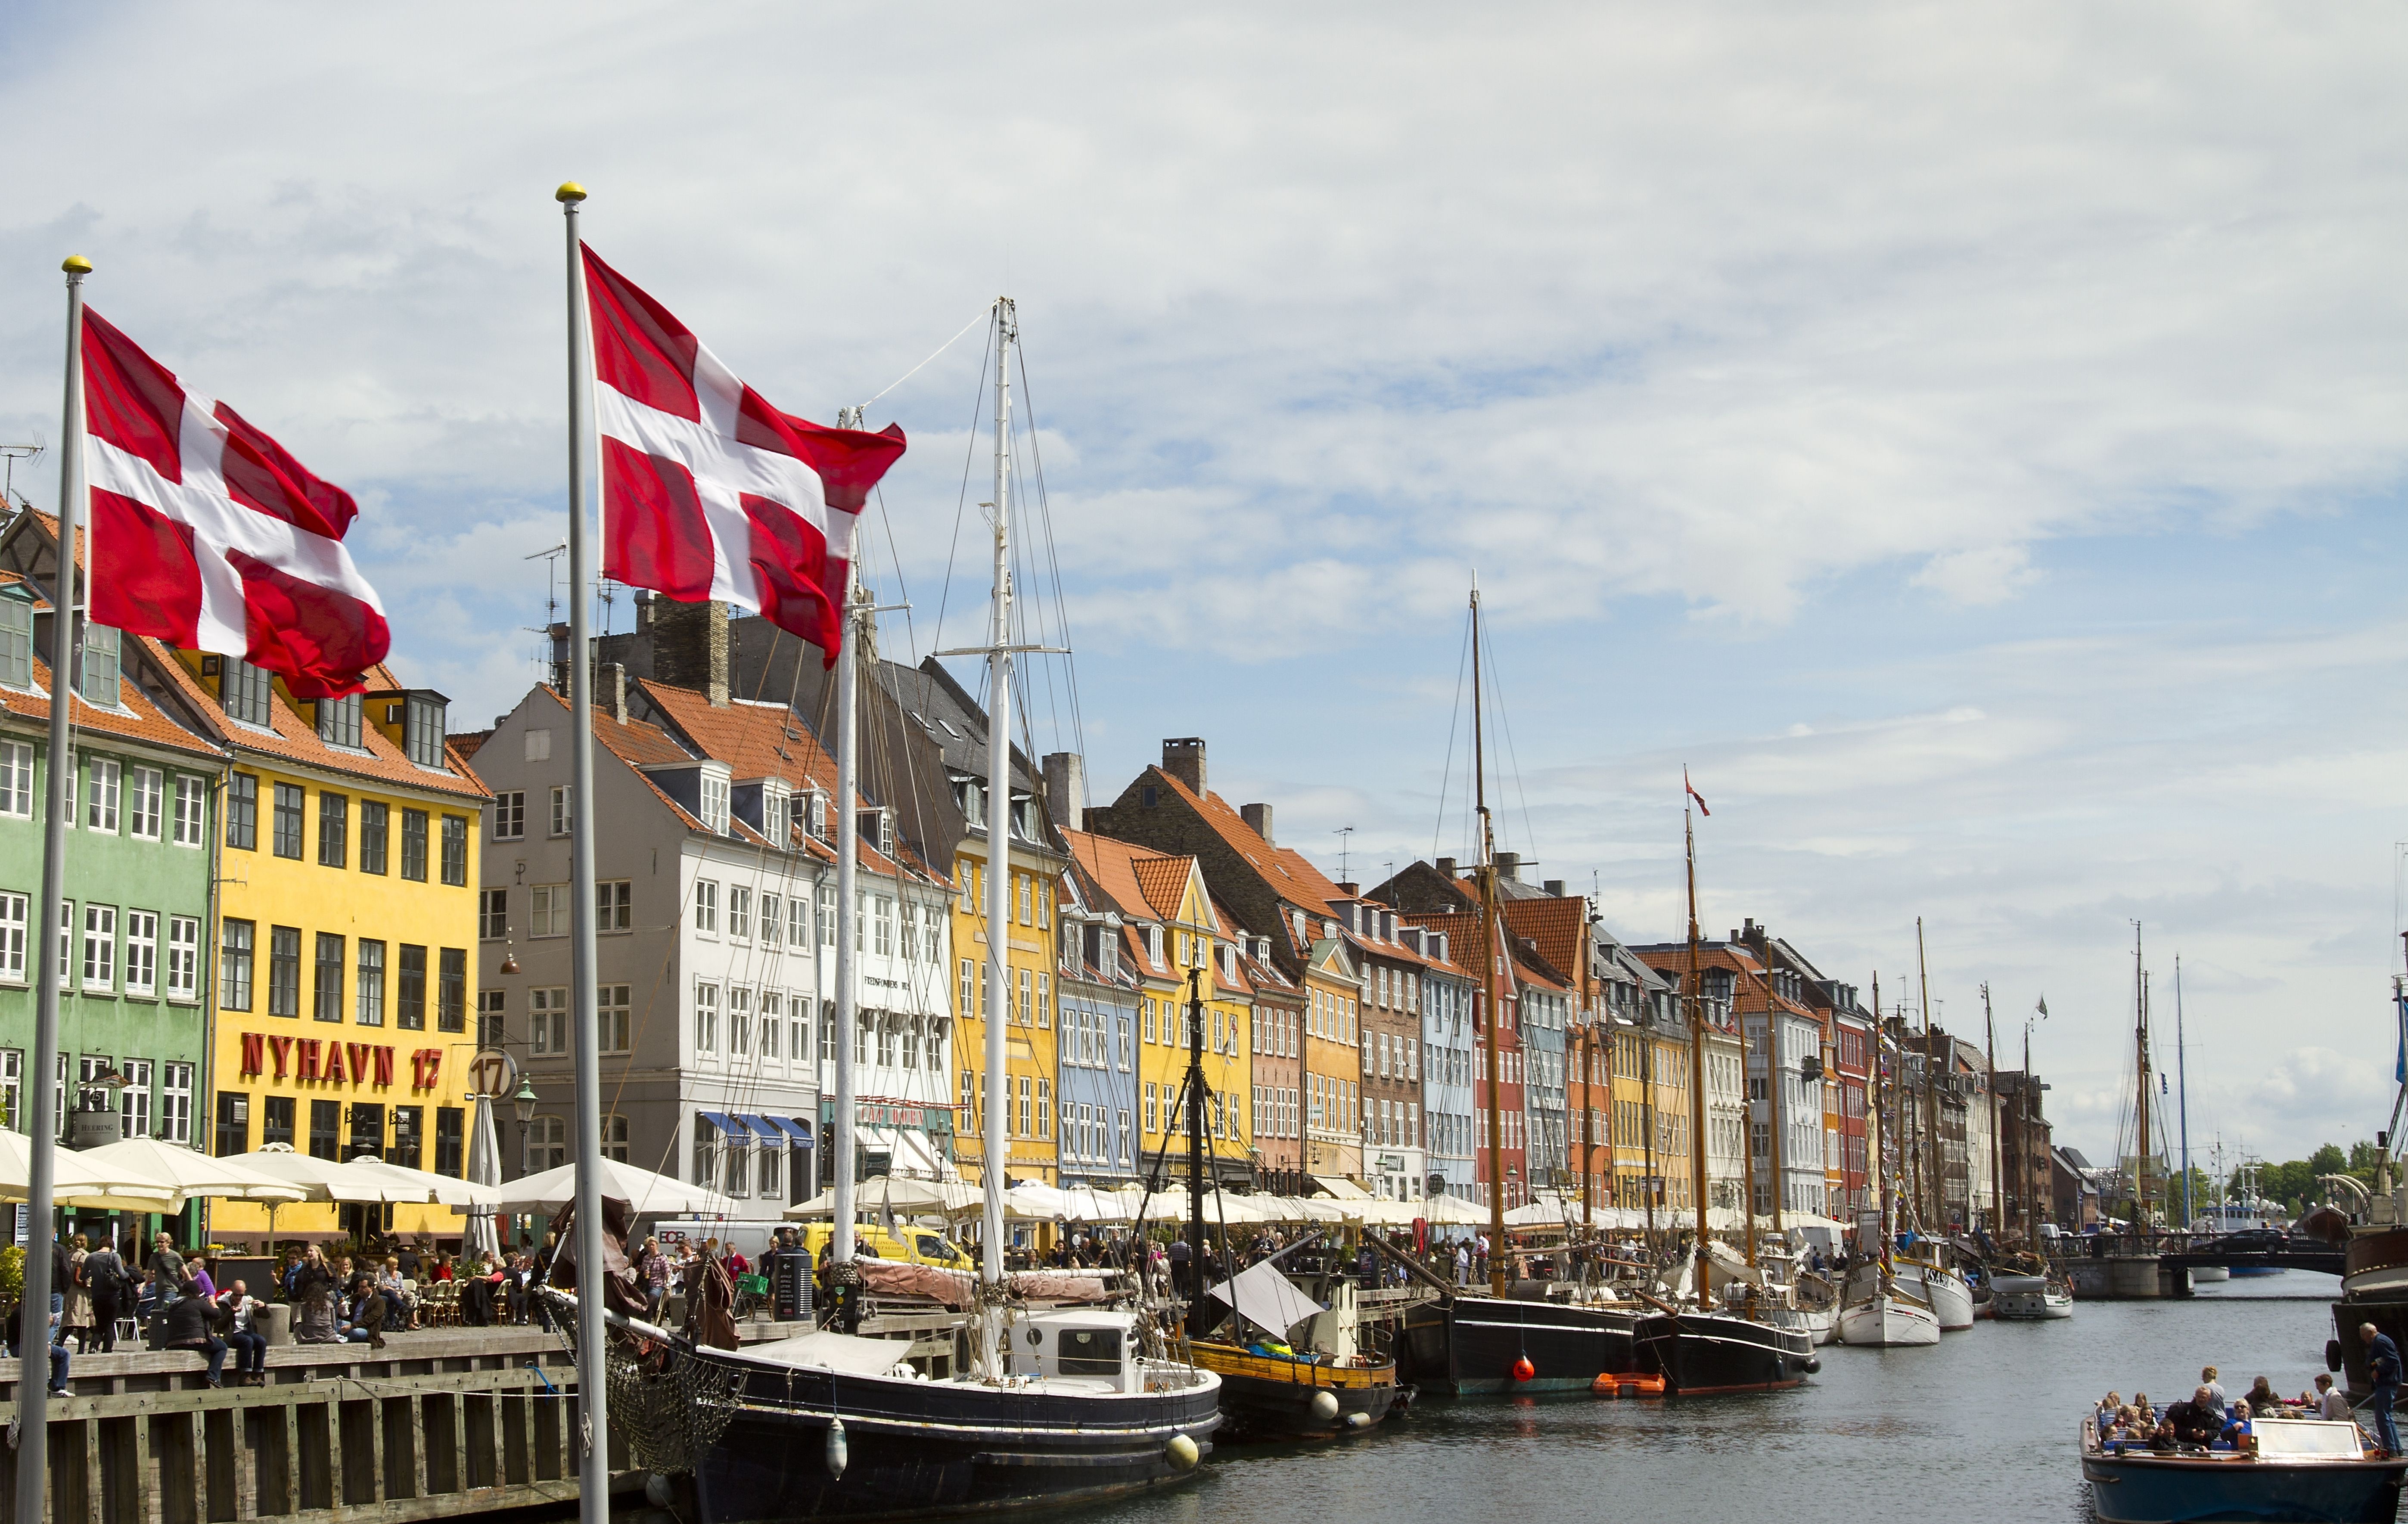 Nyhavn Harbor in Copehagen